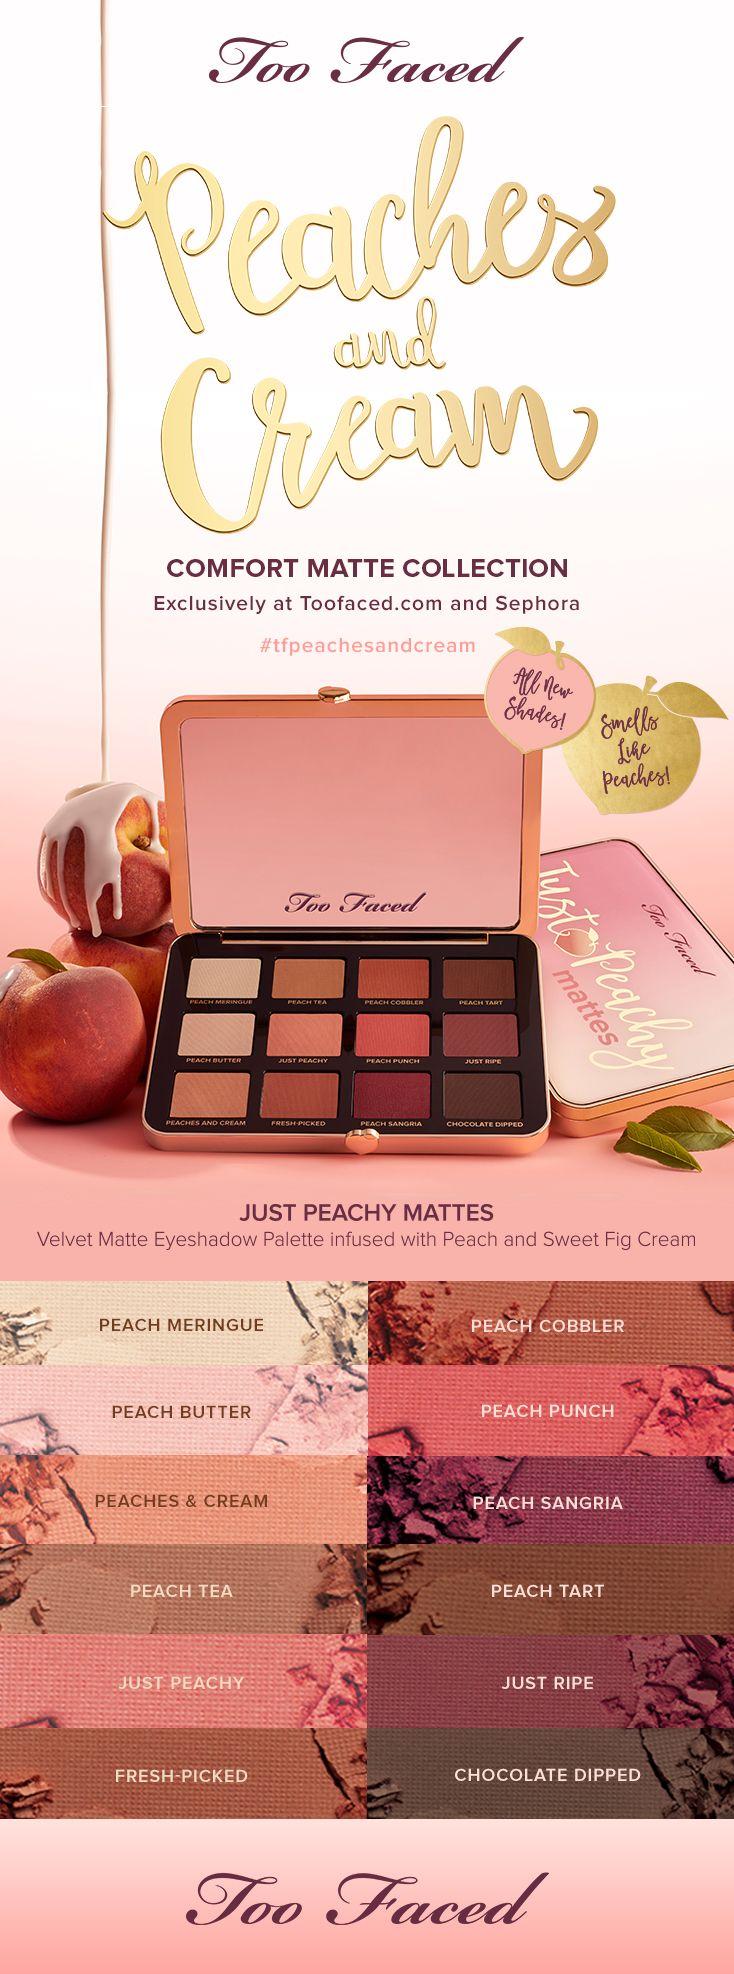 ผลการค้นหารูปภาพสำหรับ too faced just peachy velvet matte eyeshadow palette